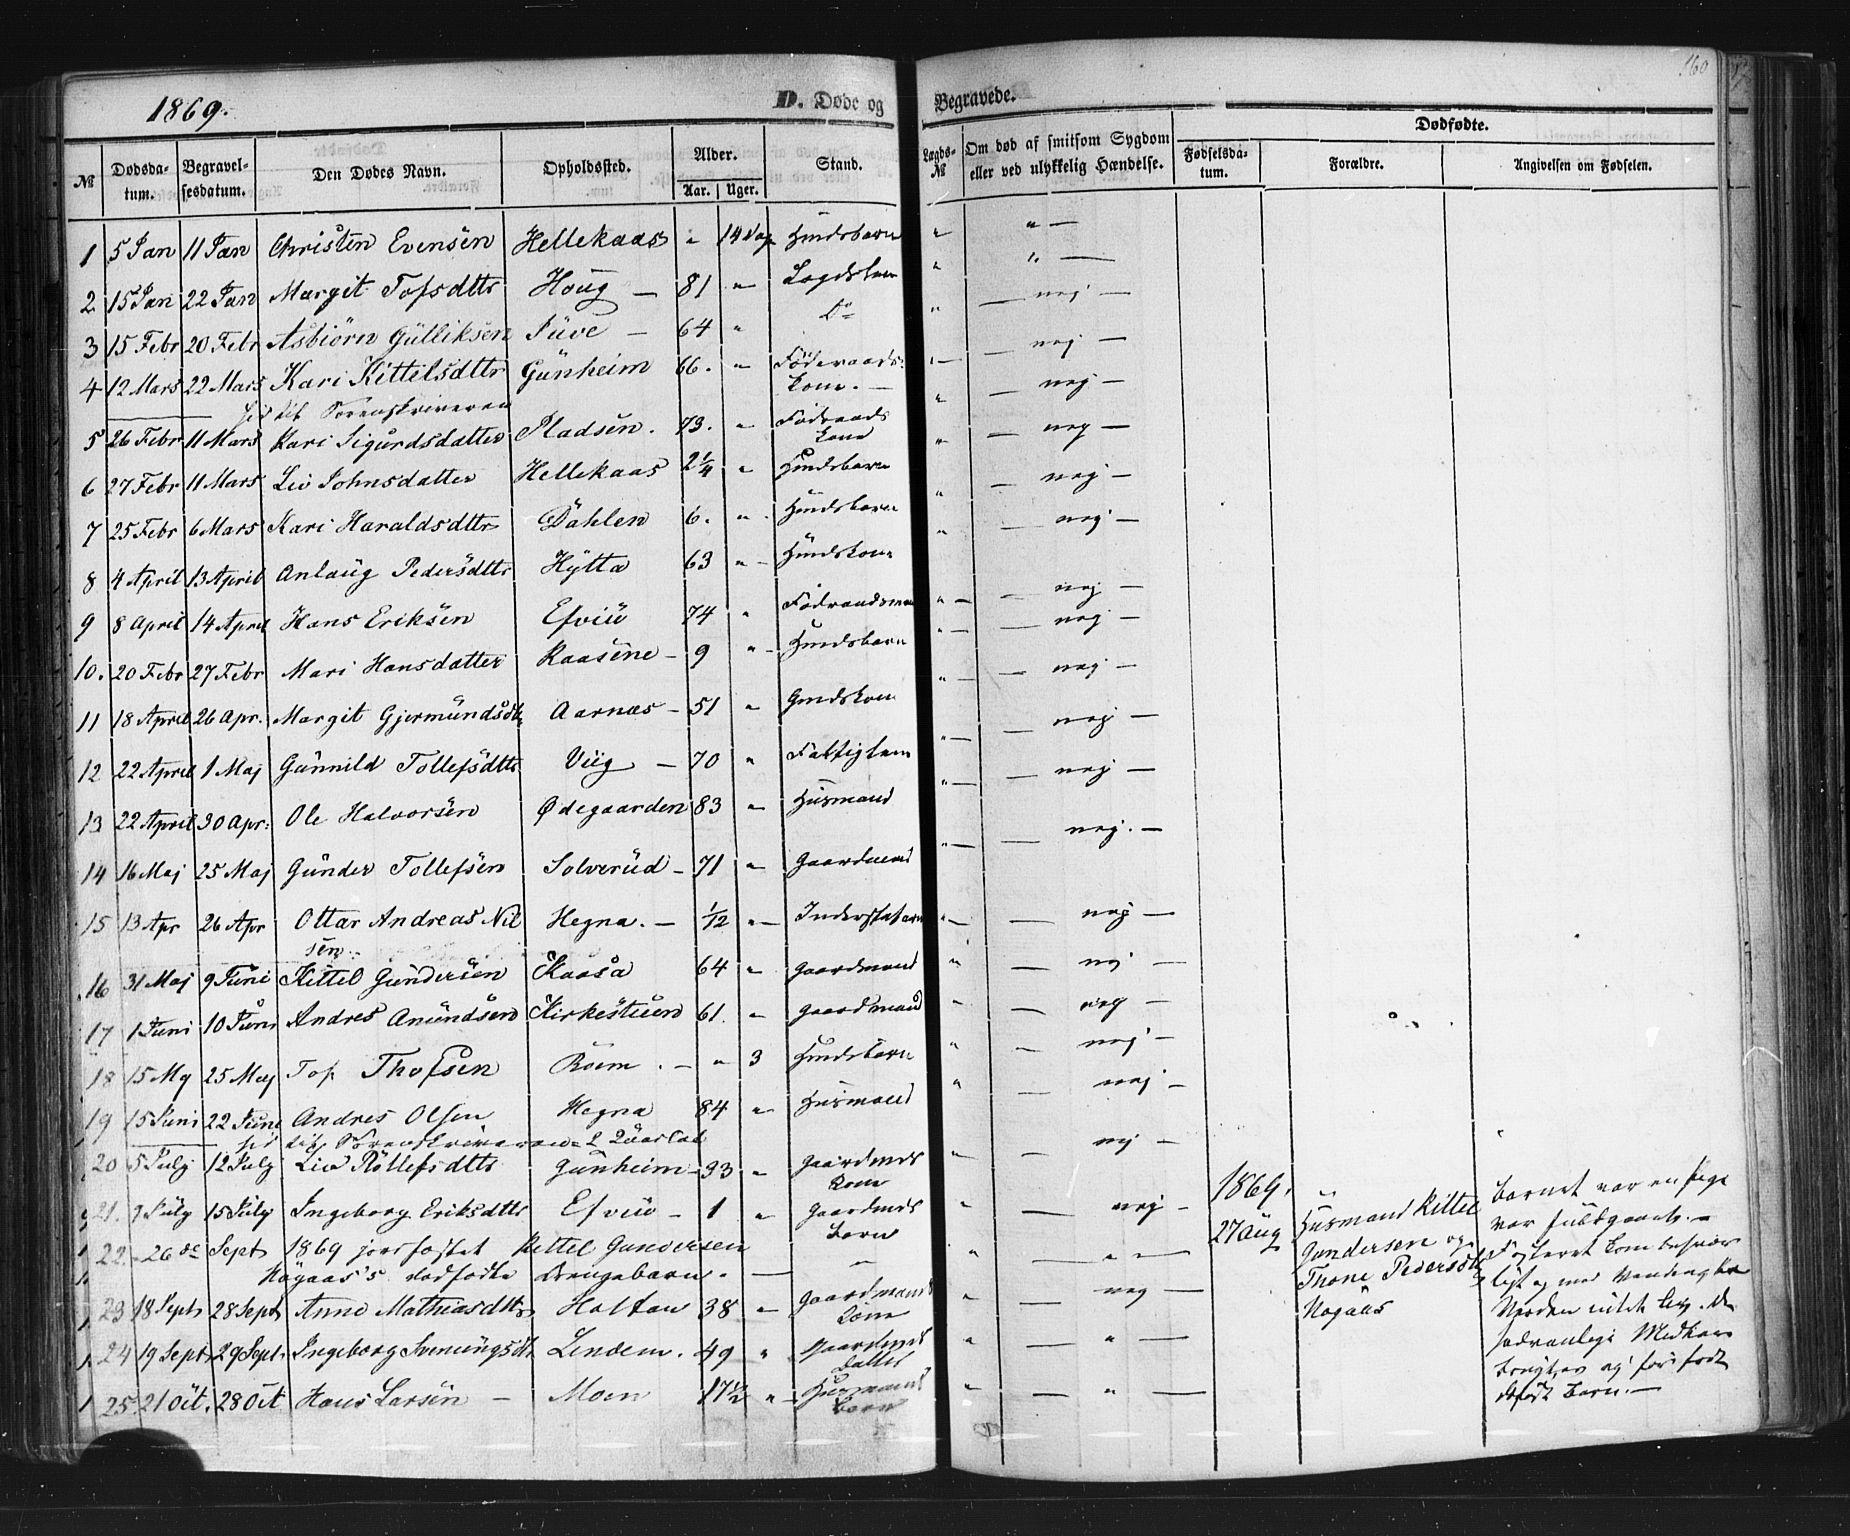 SAKO, Sauherad kirkebøker, F/Fb/L0001: Ministerialbok nr. II 1, 1851-1877, s. 160